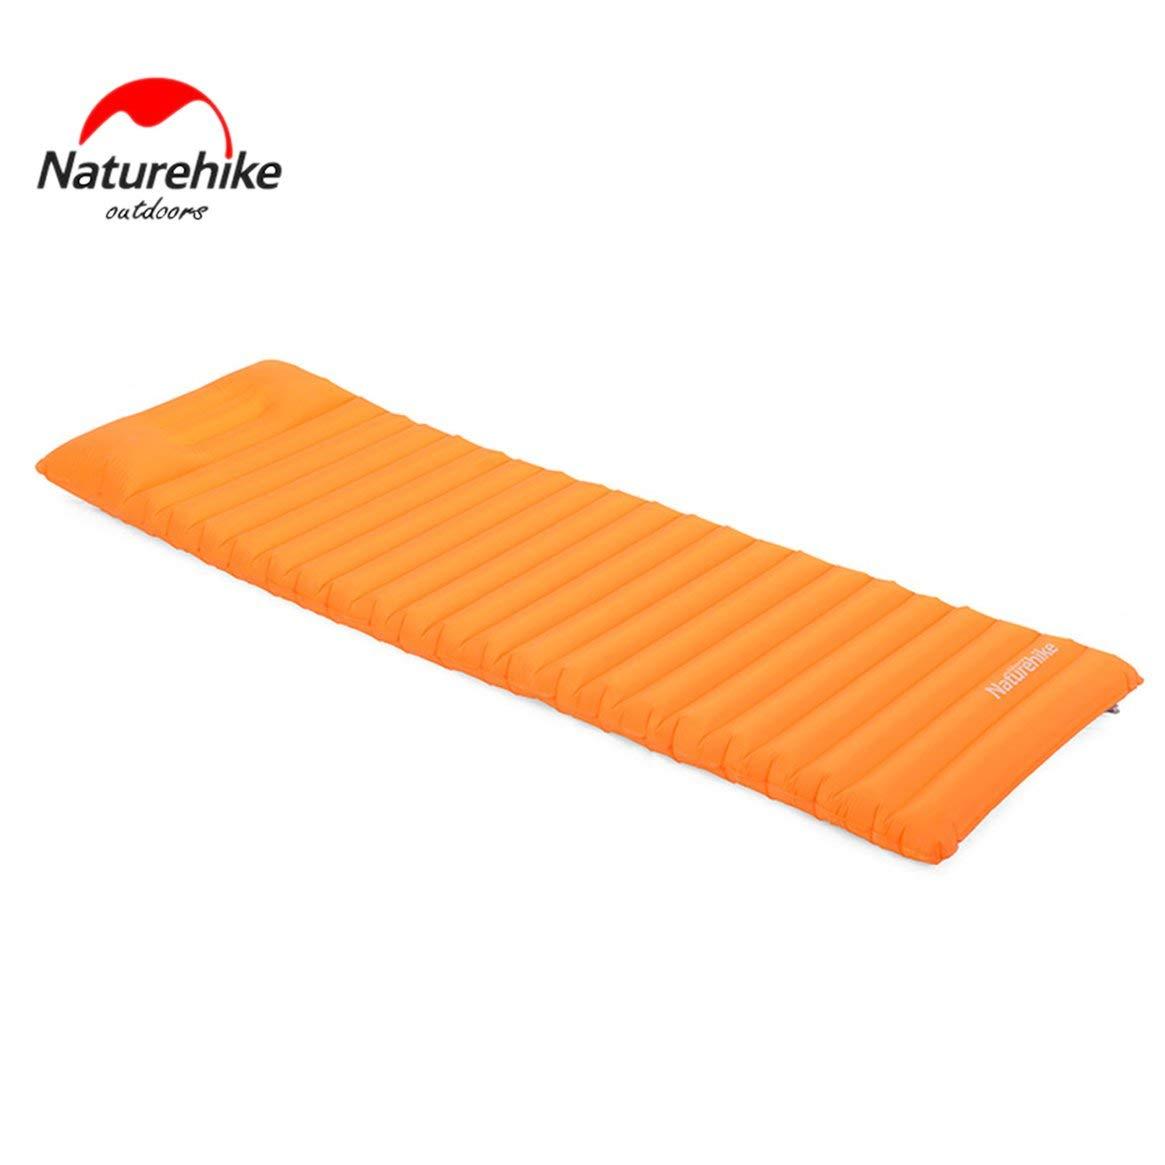 Delicacydex Naturehike Ultraleichtes Außenluftmatratze feuchtigkeitsfestes aufblasbares Matten-Kissen mit Camping-Zelt-kampierender Schlafenauflage TPU - Orange